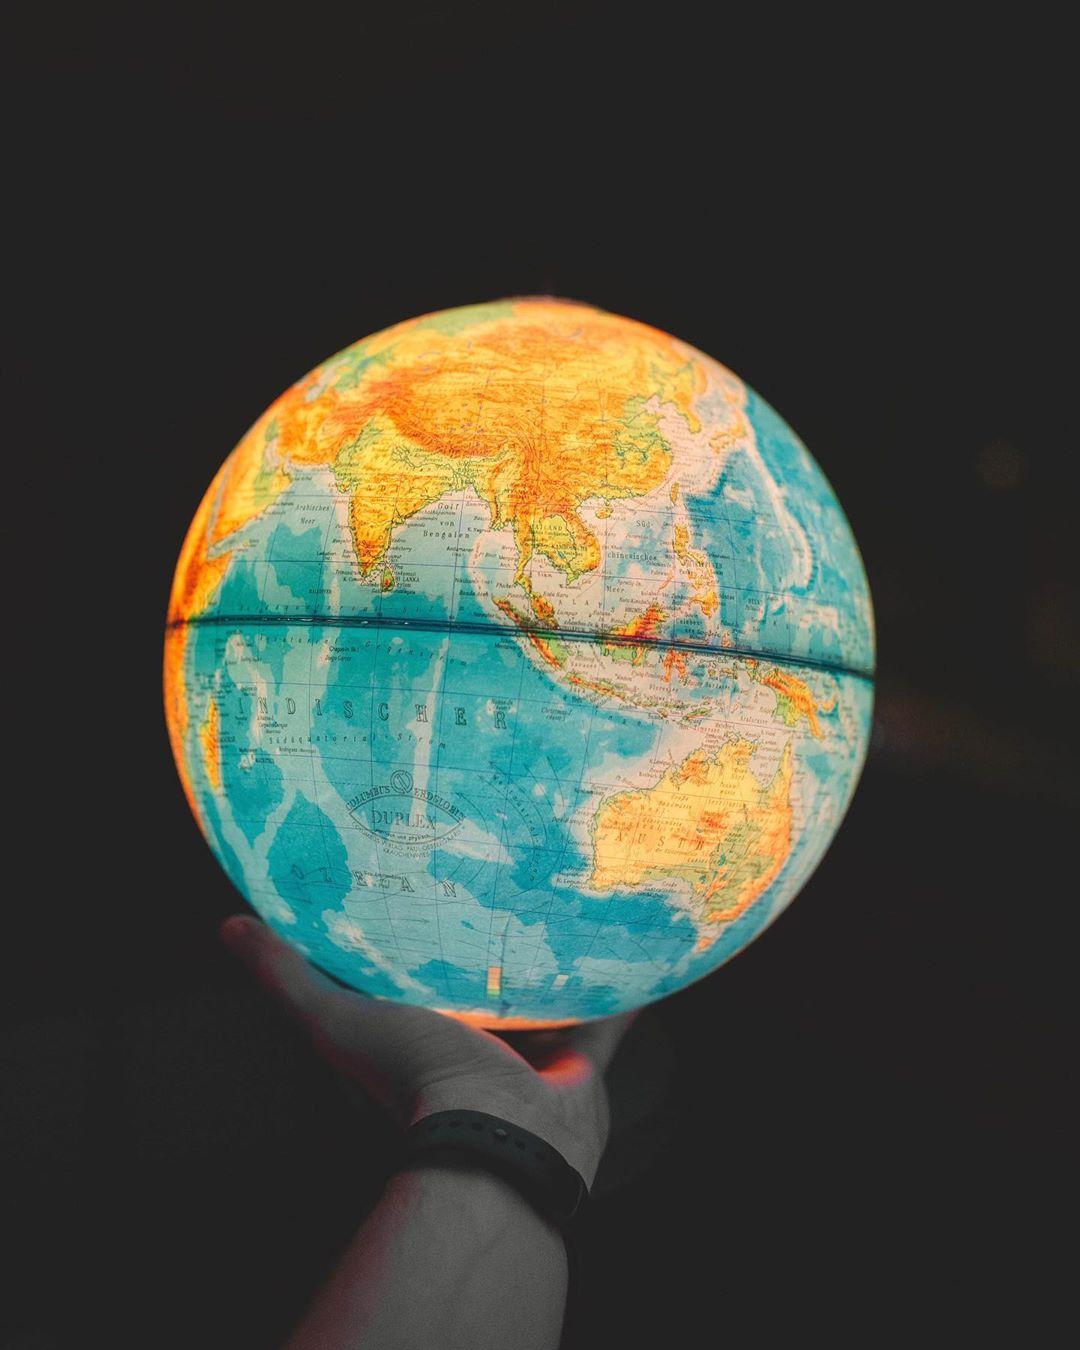 Mich fasziniert der Gedanke mit nur einem Aktien-ETF quasi die ganze Welt in meinem Portfolio…